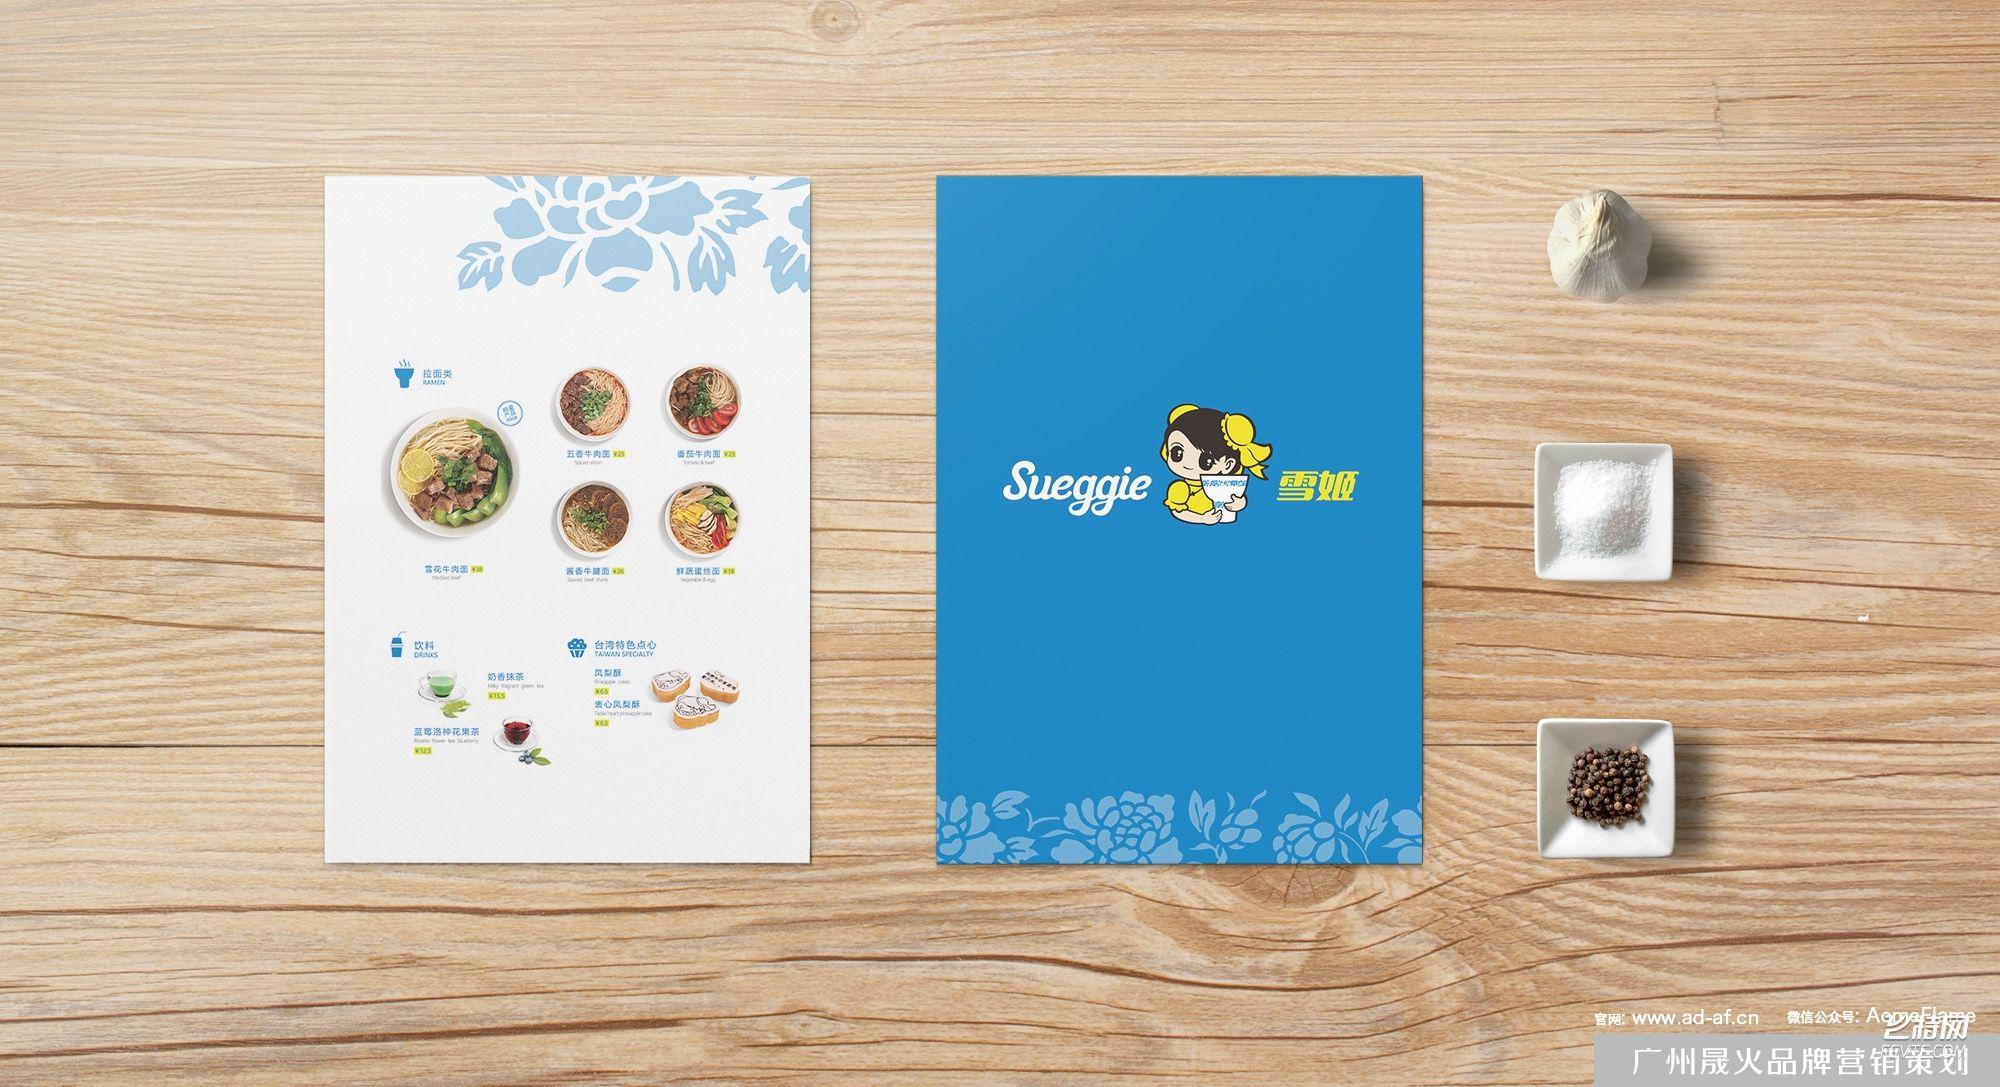 雪姬台湾牛肉面-餐饮品牌设计 飞特网 VI设计